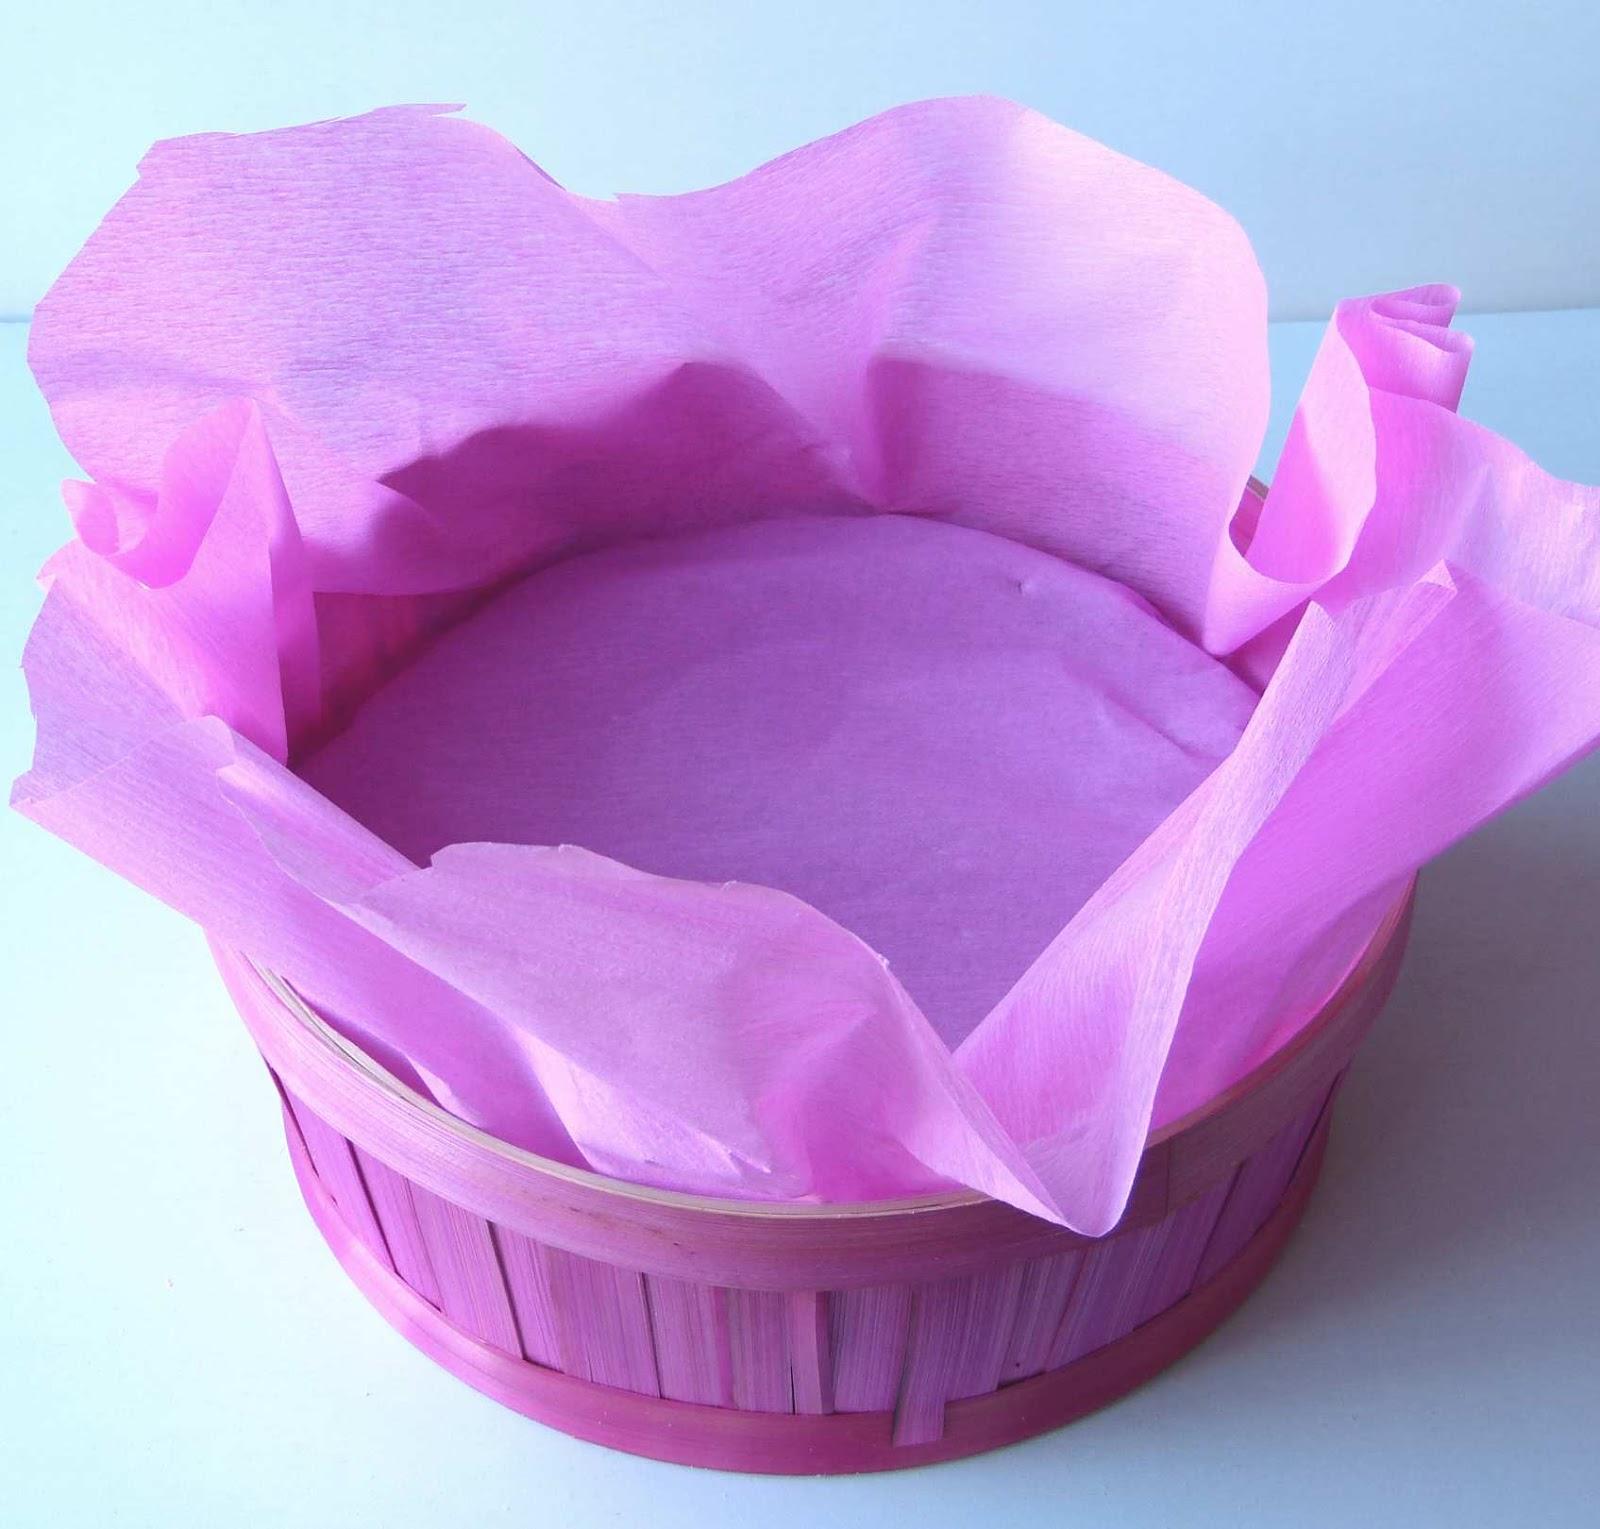 C mo hacer un centro de cake pops o chuches entre for Envolver brochetas de chuches